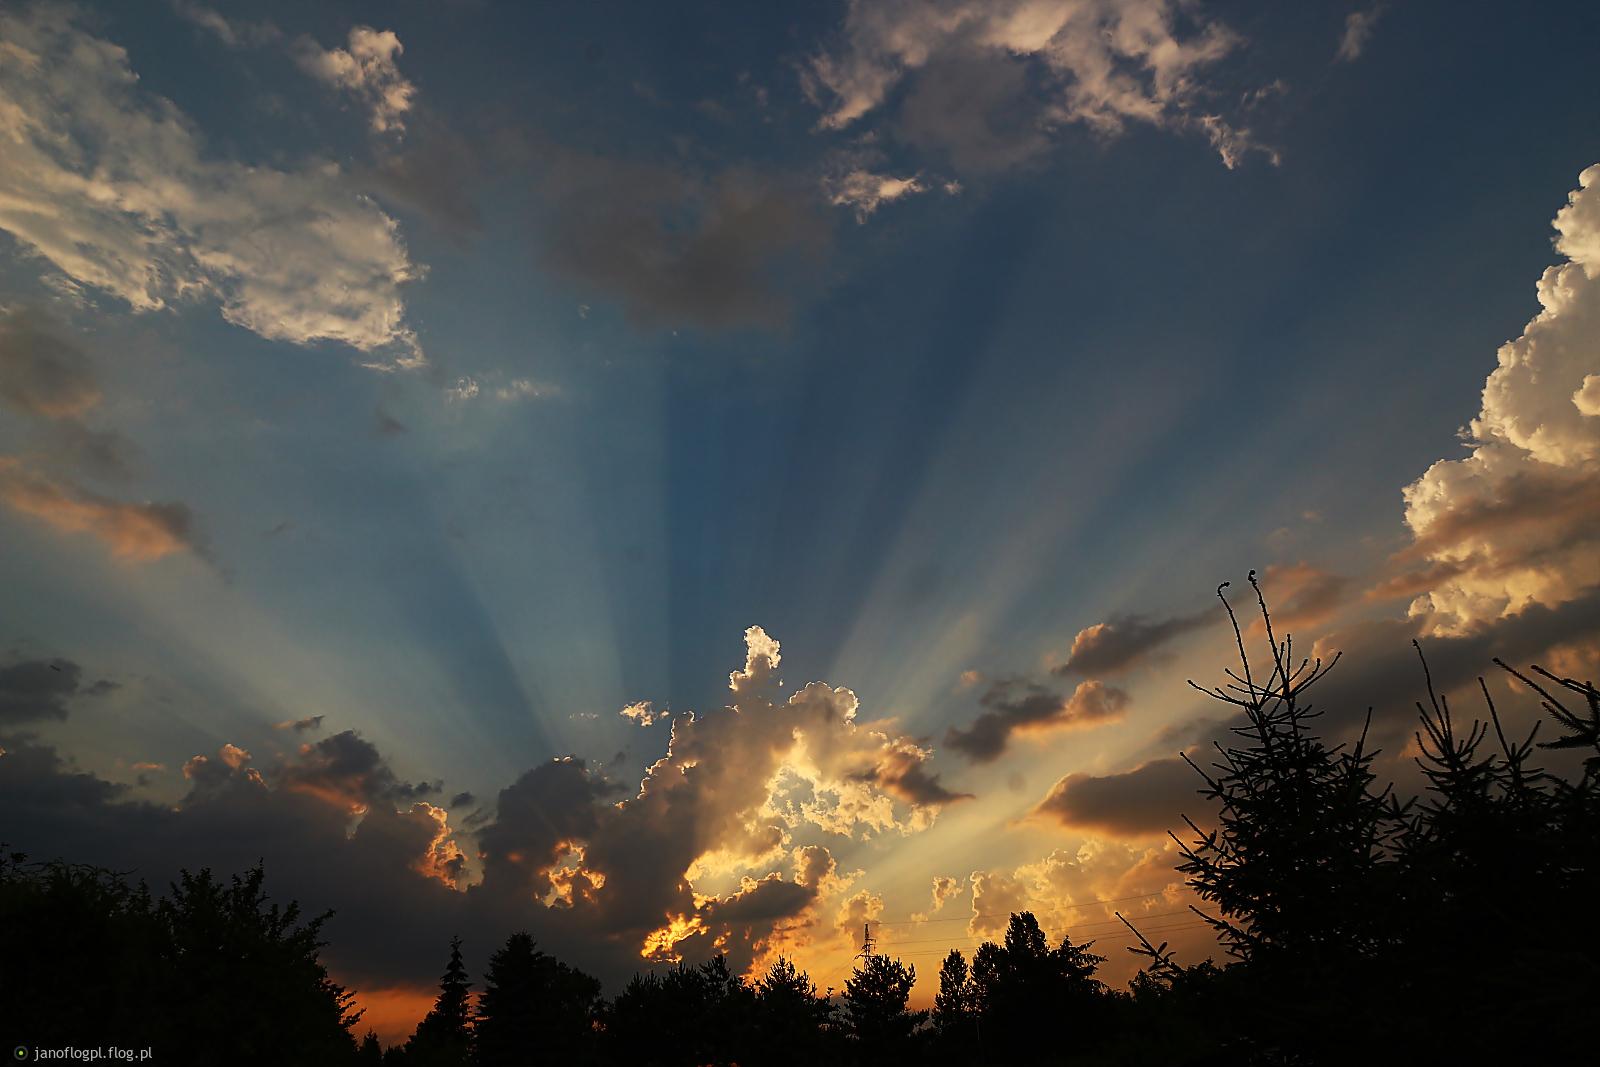 Spektakl na niebie w rewanżu dla Ciebie